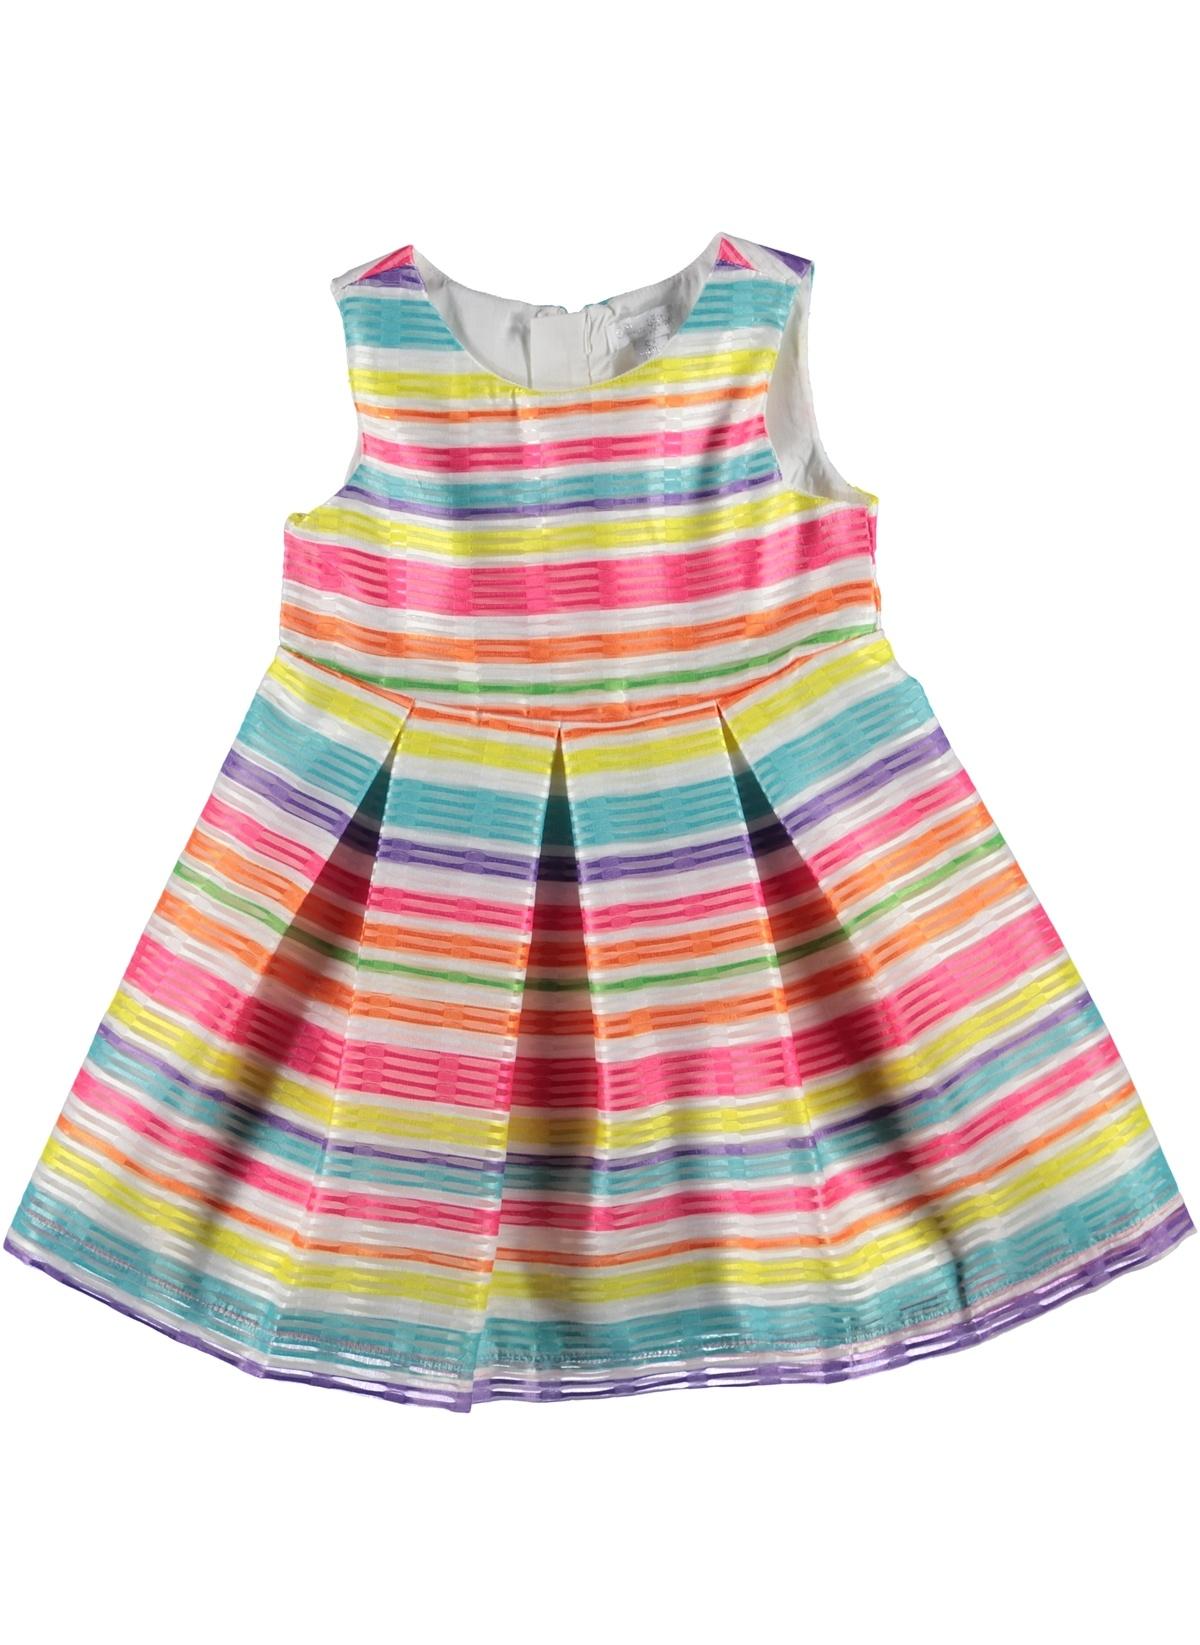 Kız Çocuk Panço Elbise